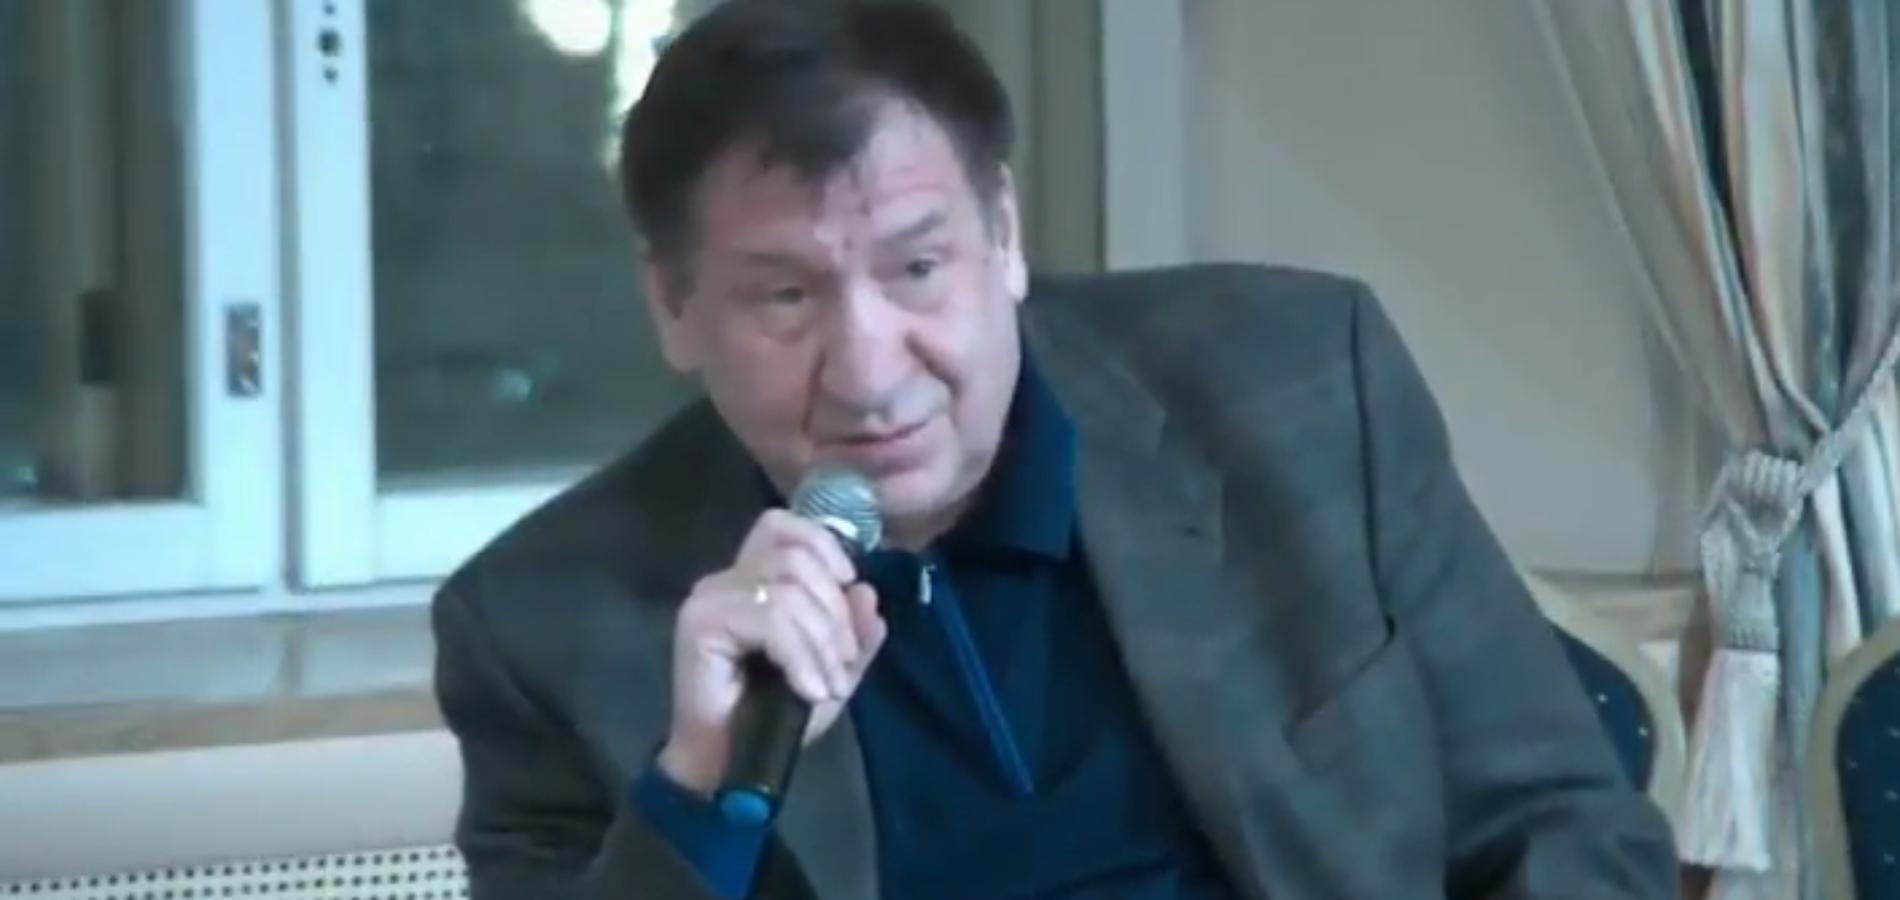 Выступление Ивана Старикова на заседании Столыпинского клуба 26 декабря 2017 года